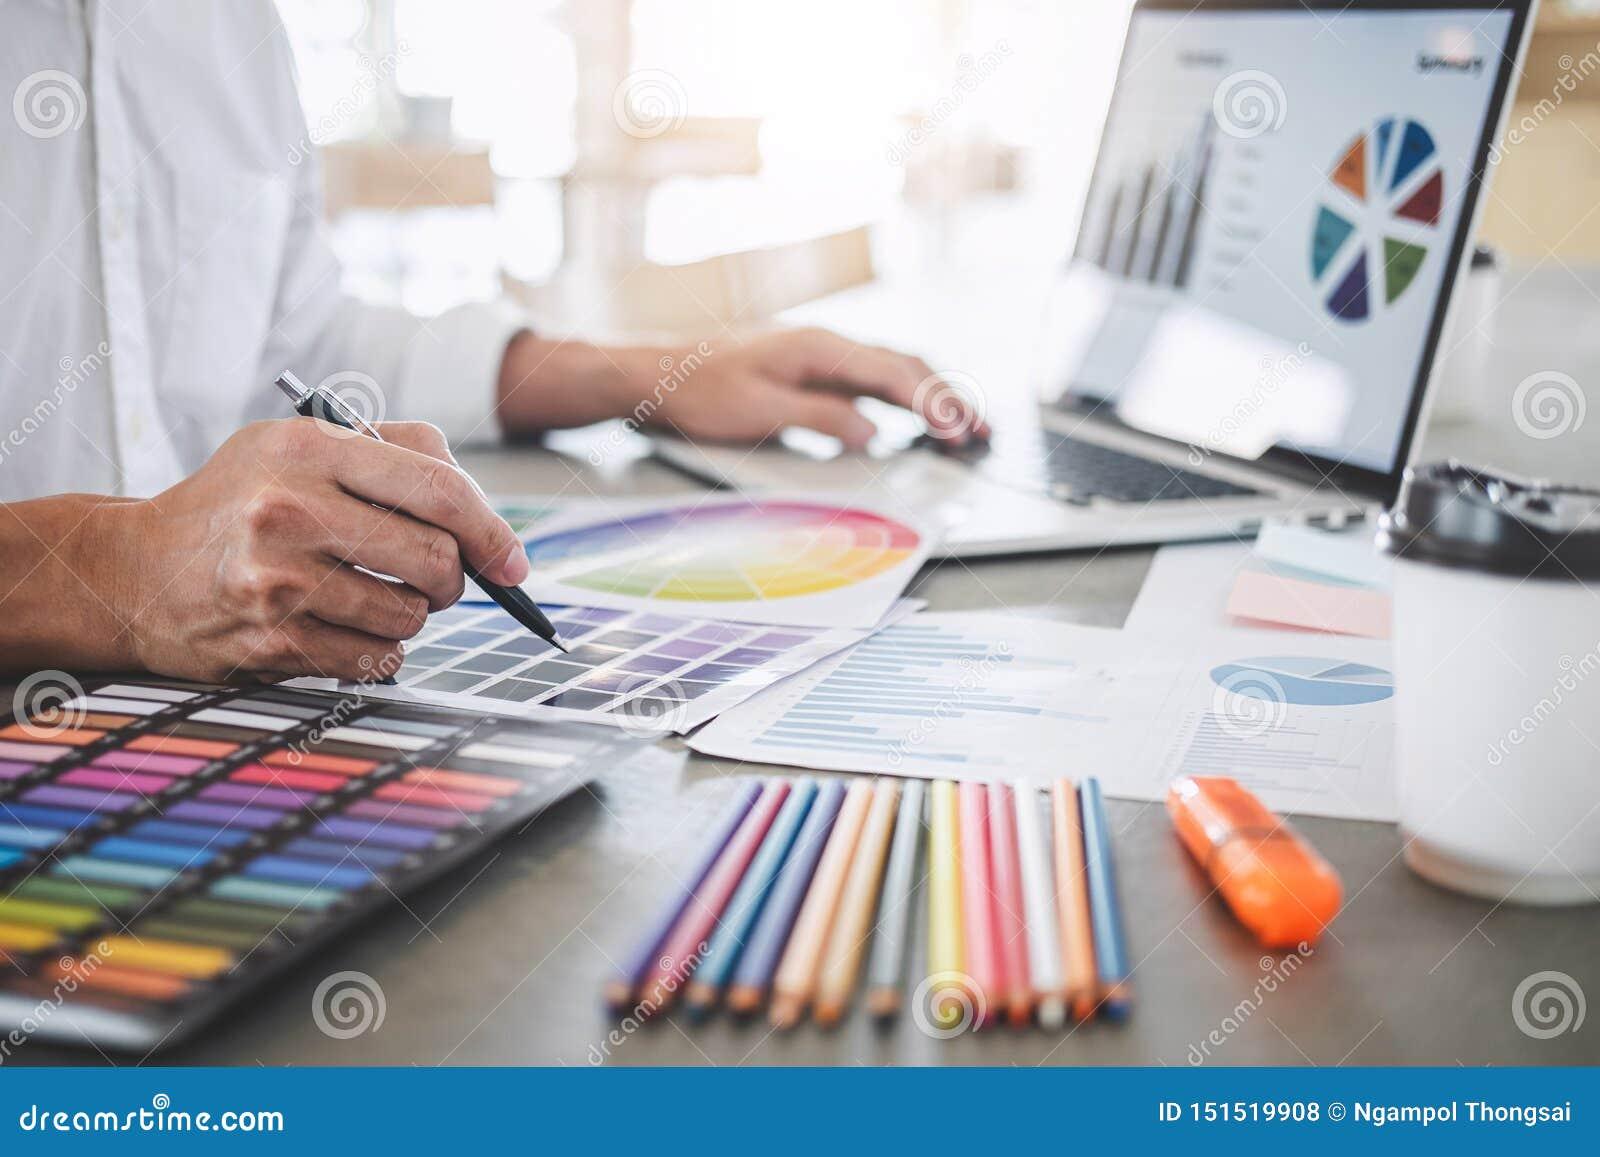 Jeune concepteur cr?atif travaillant aux ?chantillons architecturaux de dessin et de couleur de projet, coloration de s?lection s